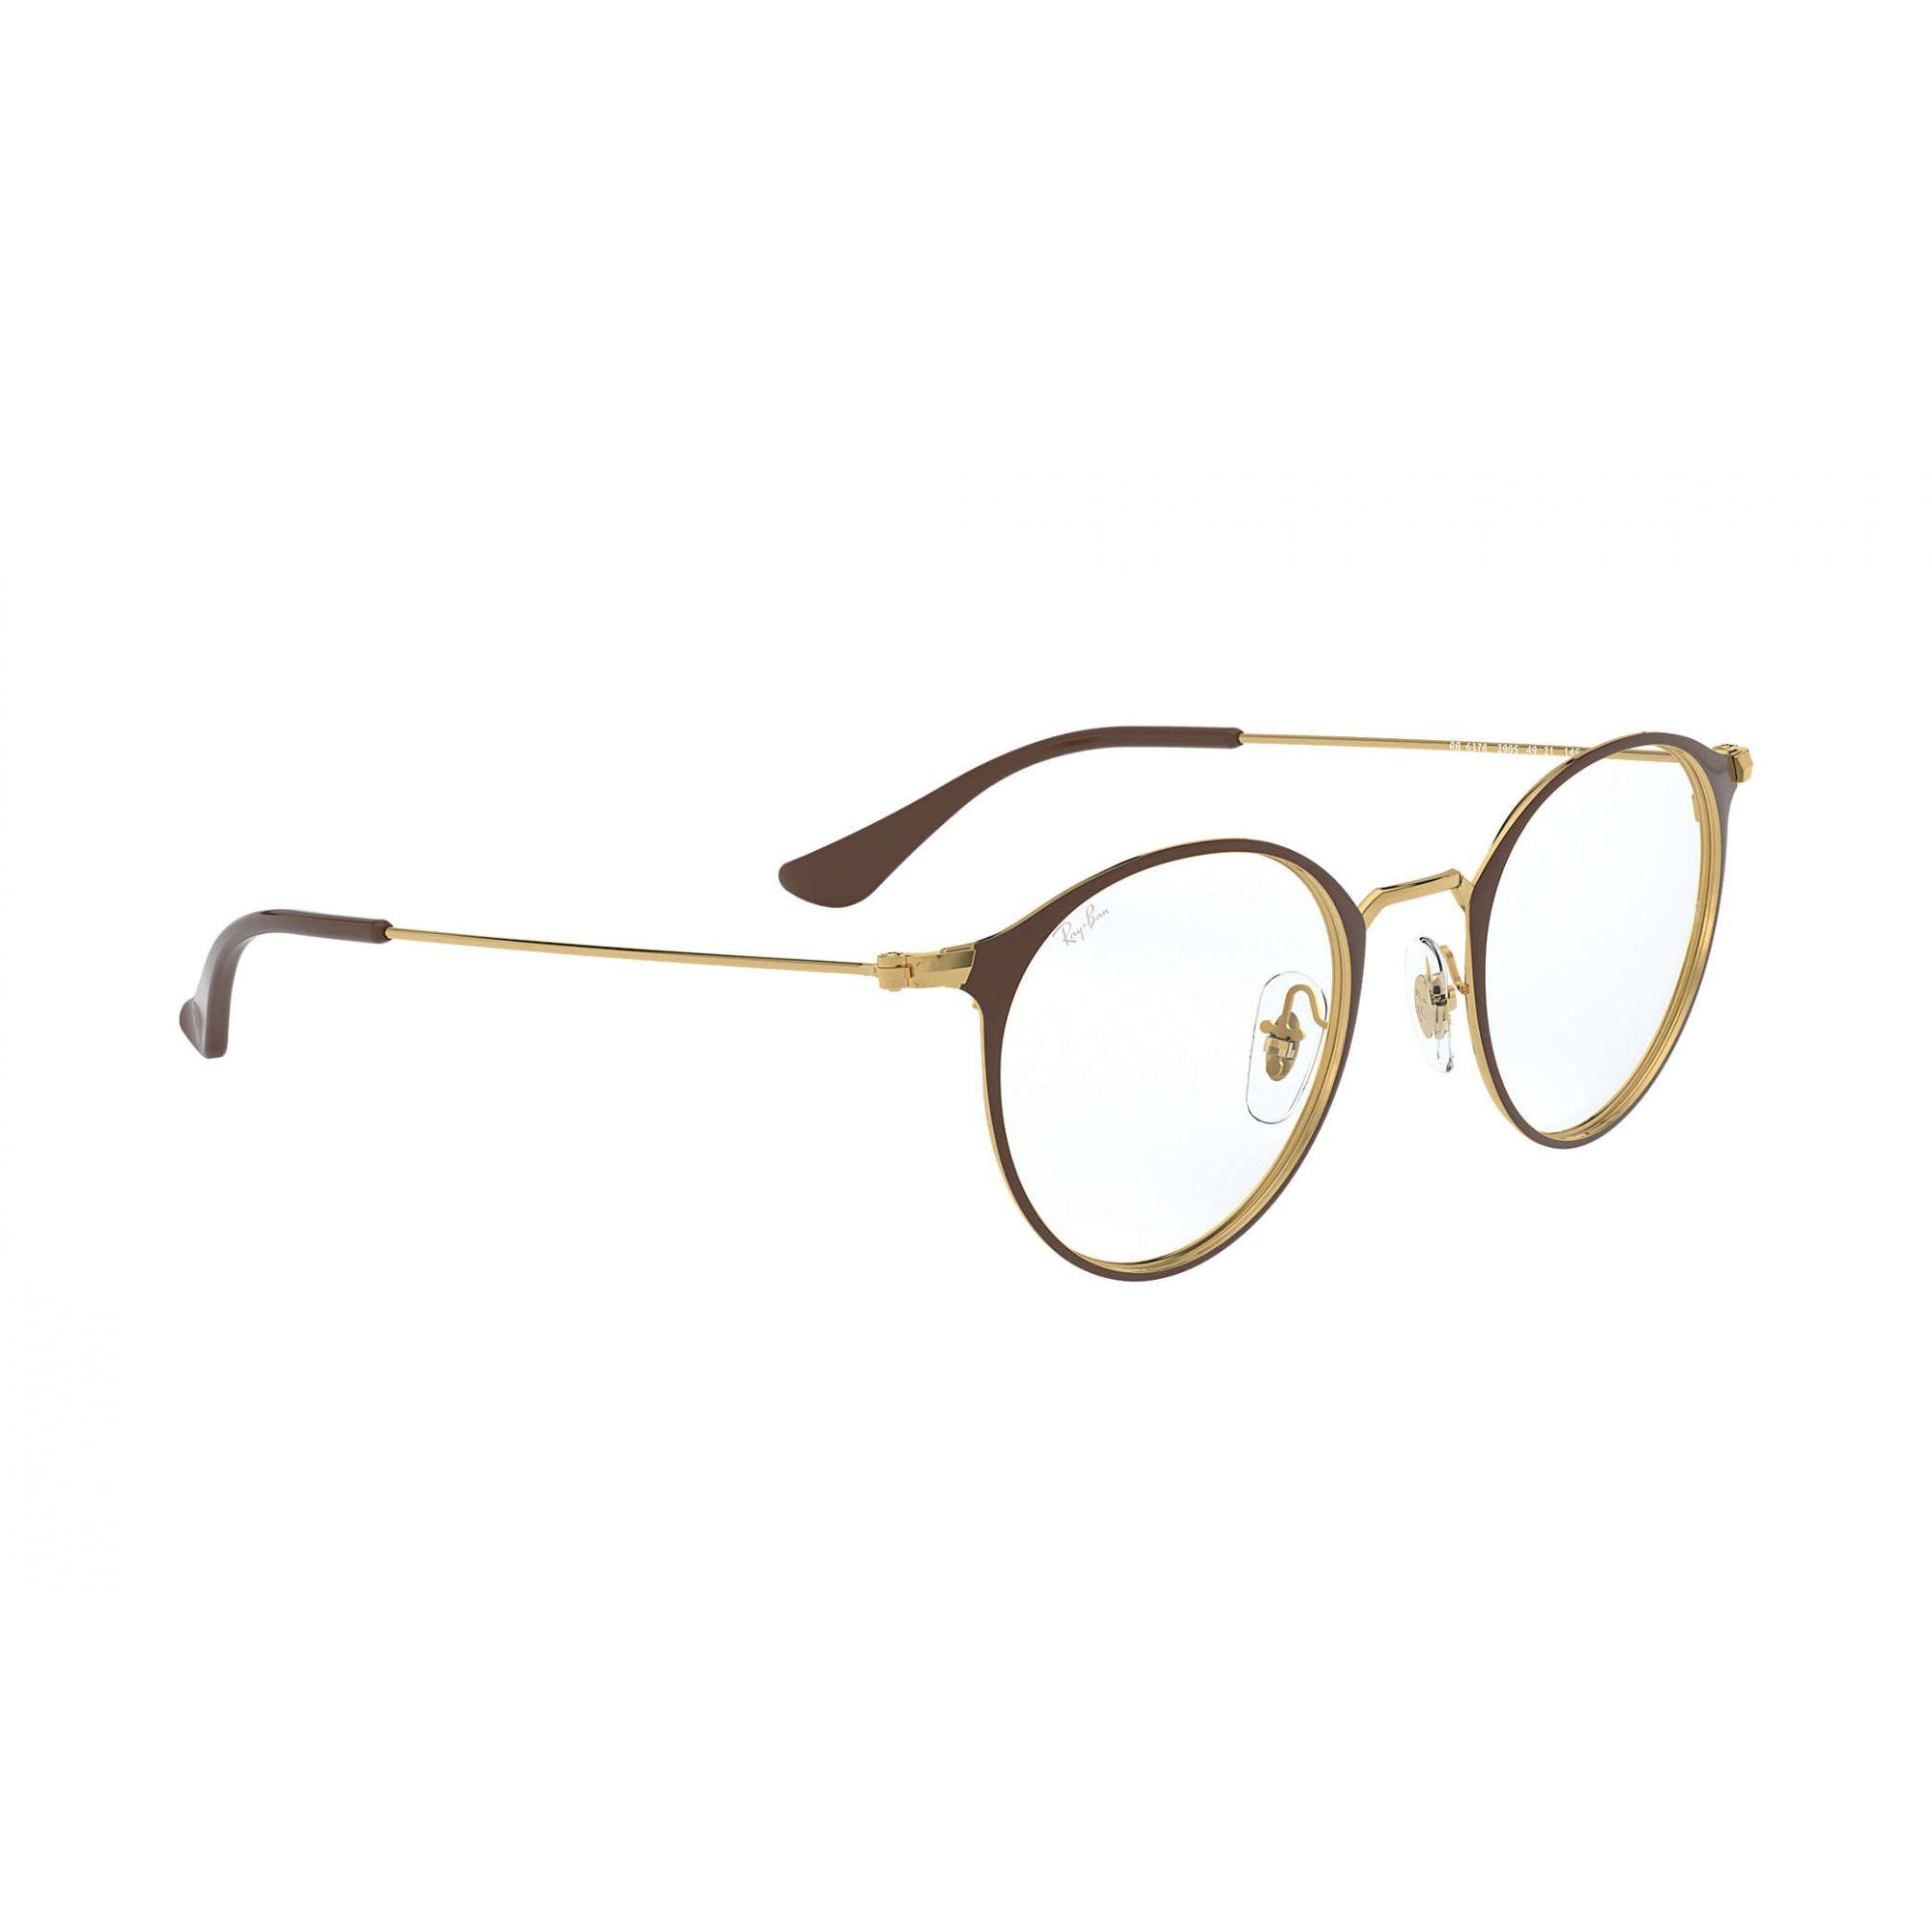 Ray Ban - RB6378 2905 - Óculos de grau